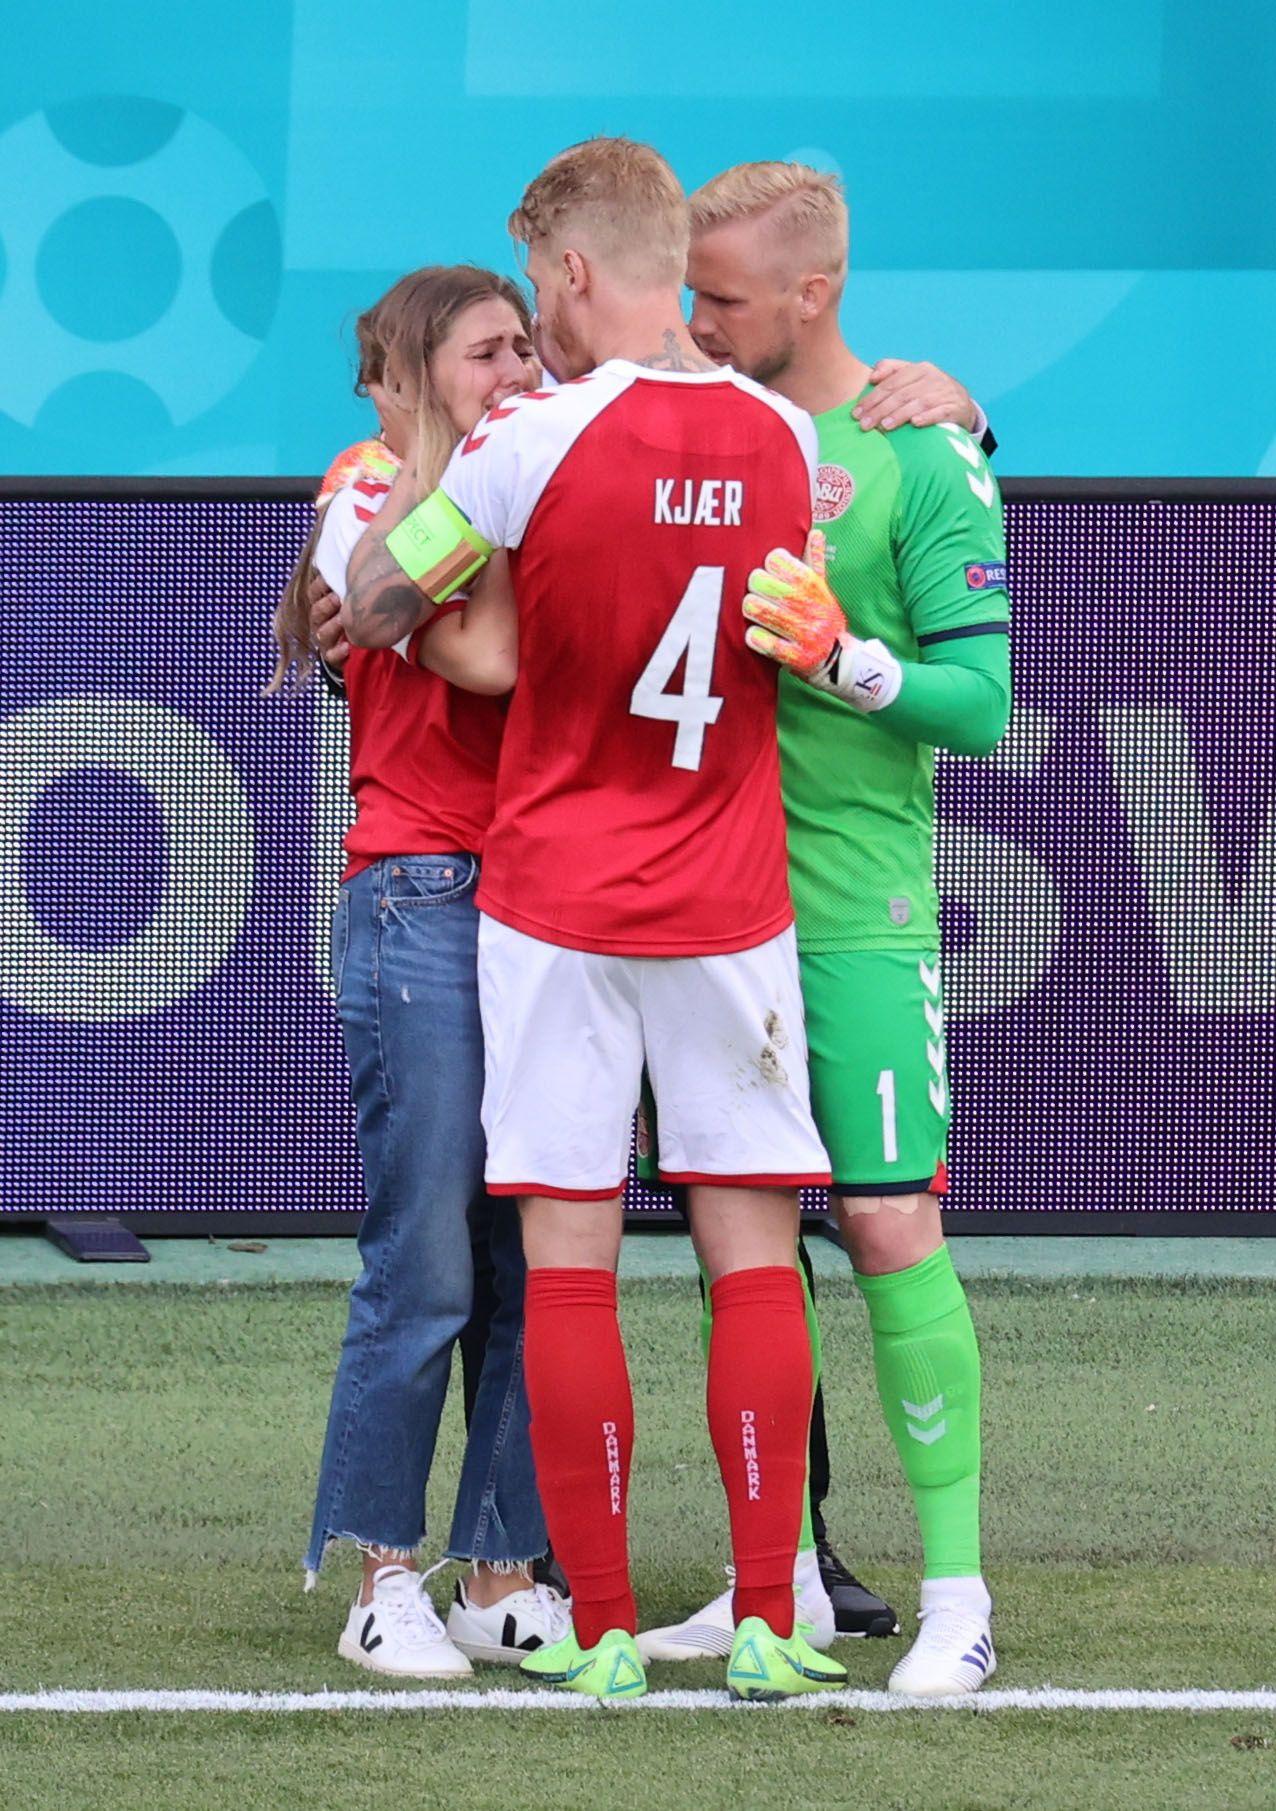 La mujer de Christian Eriksen fue consolada por los compañeros de equipo de su pareja (REUTERS/Wolfgang Rattay)